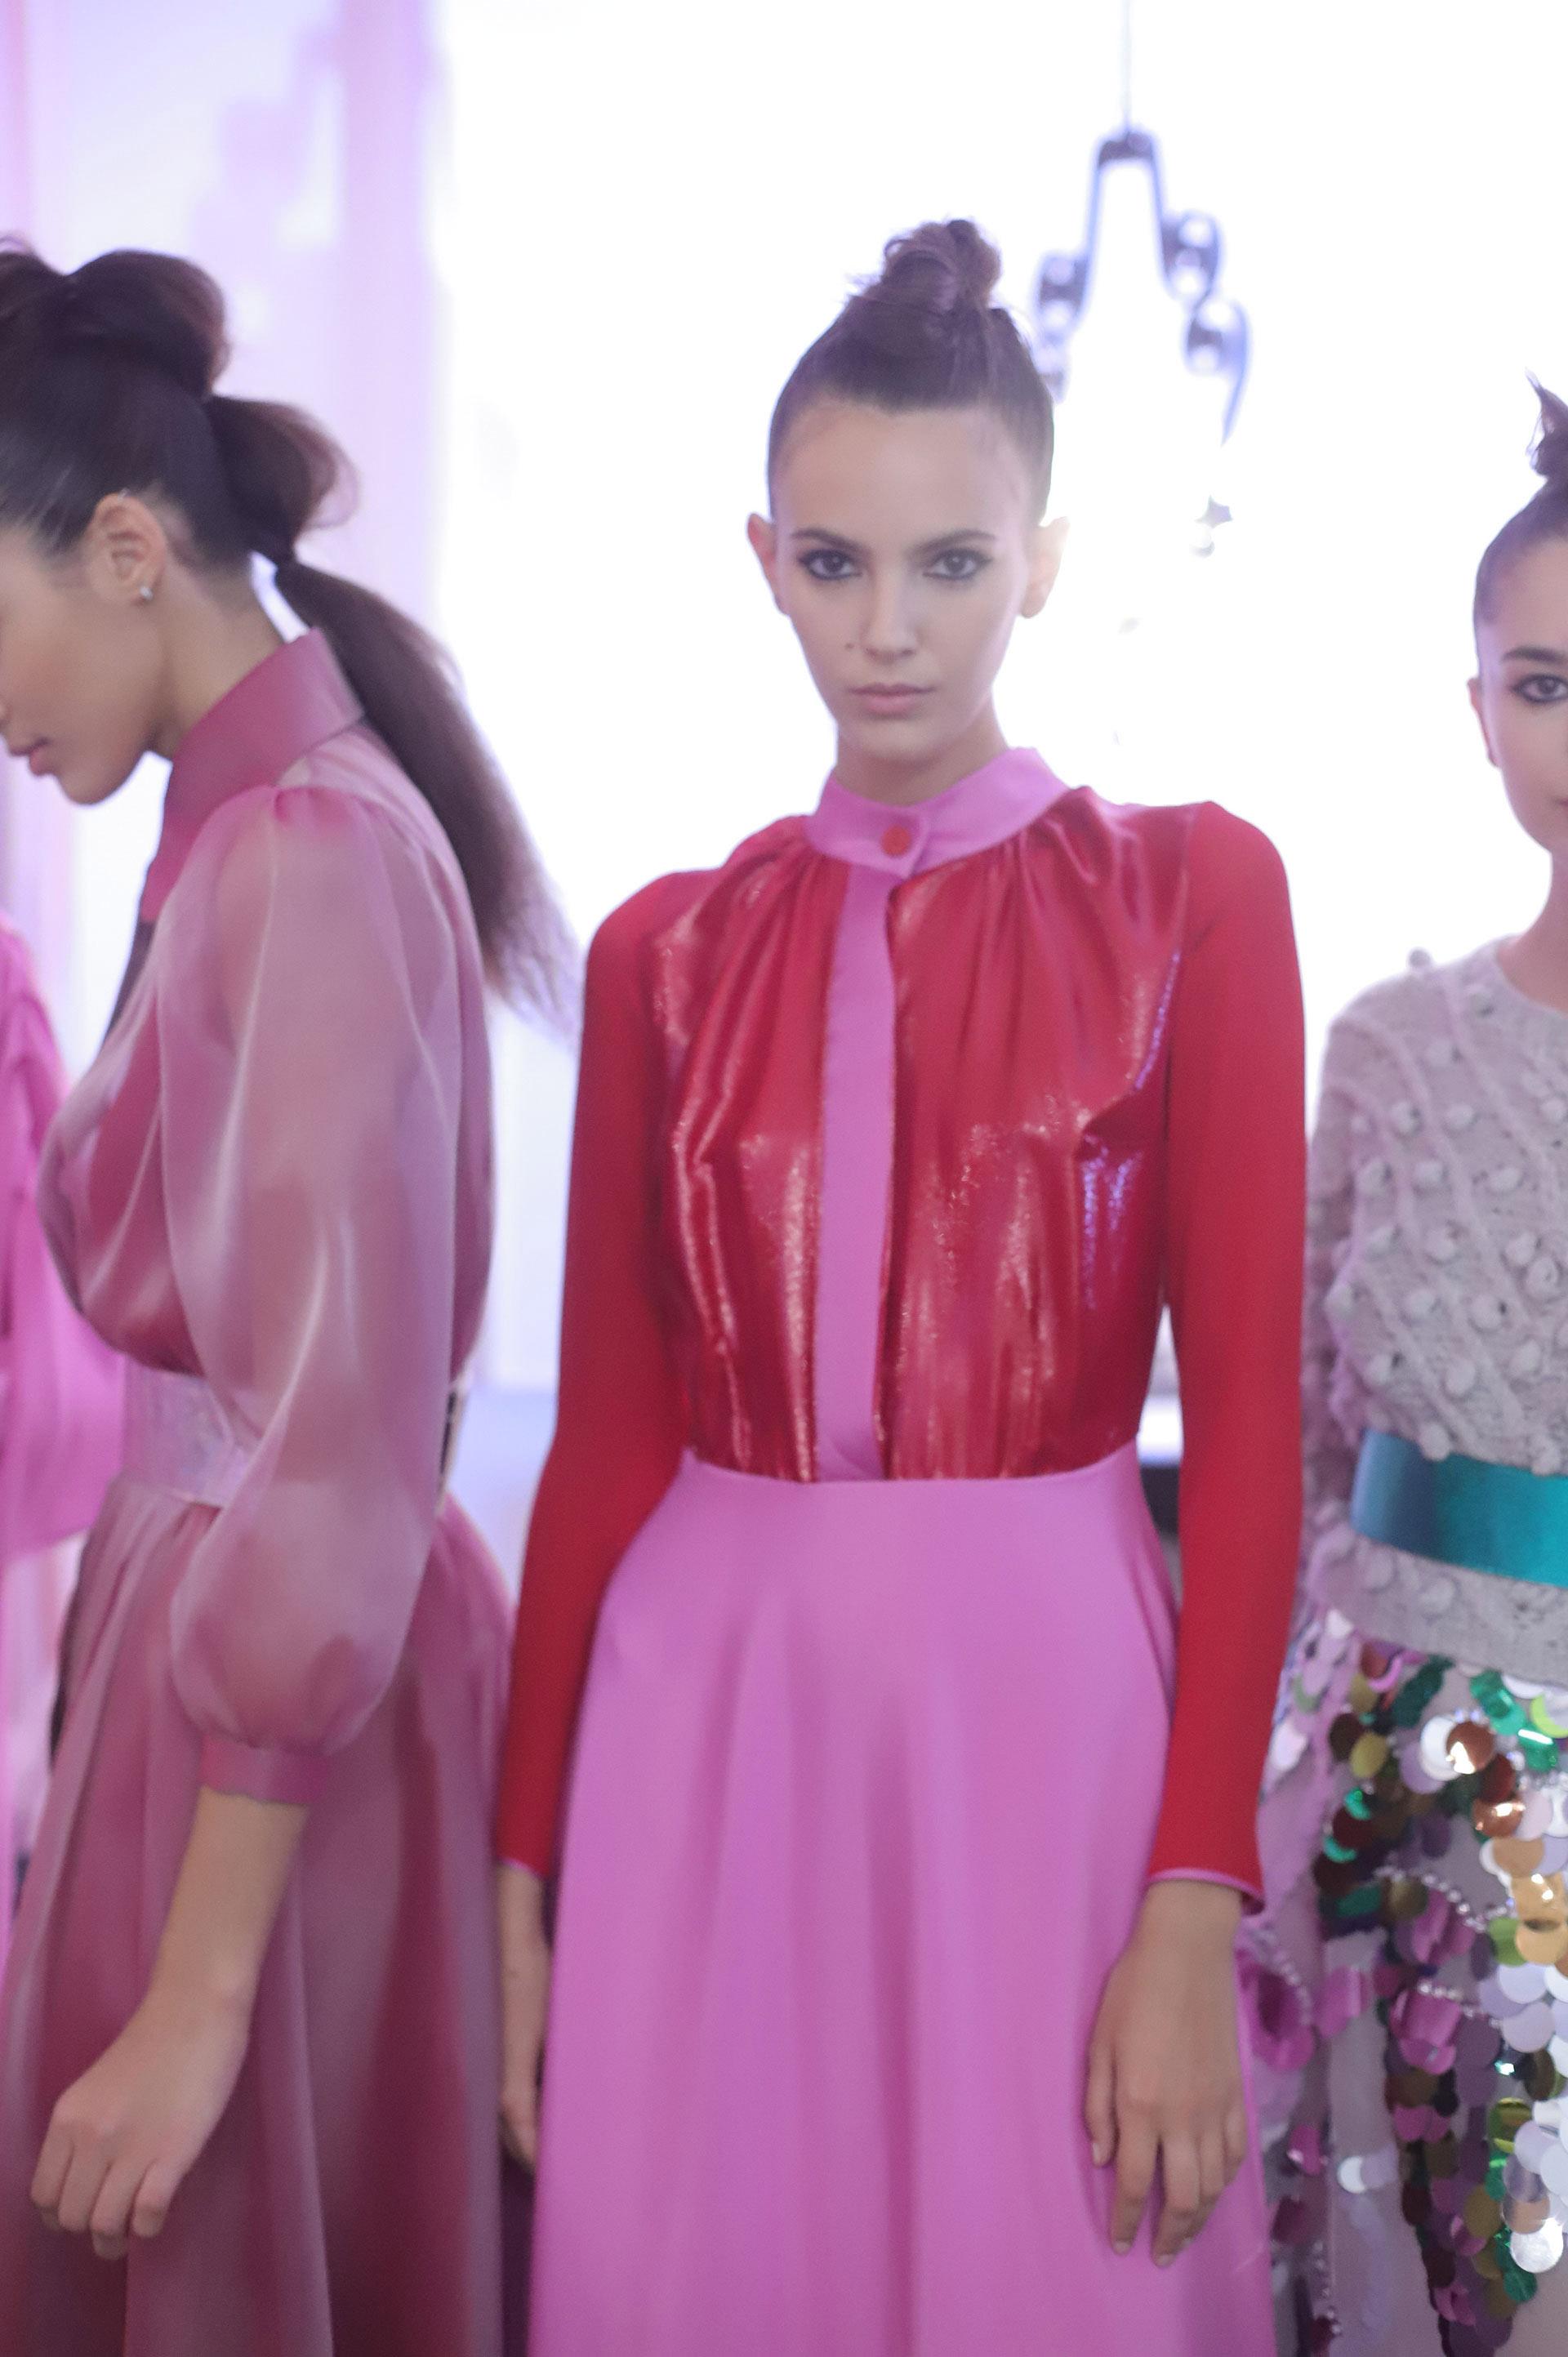 El diseñador argentino Fabián Zitta incluye esta combinación de colores en su nueva colección.